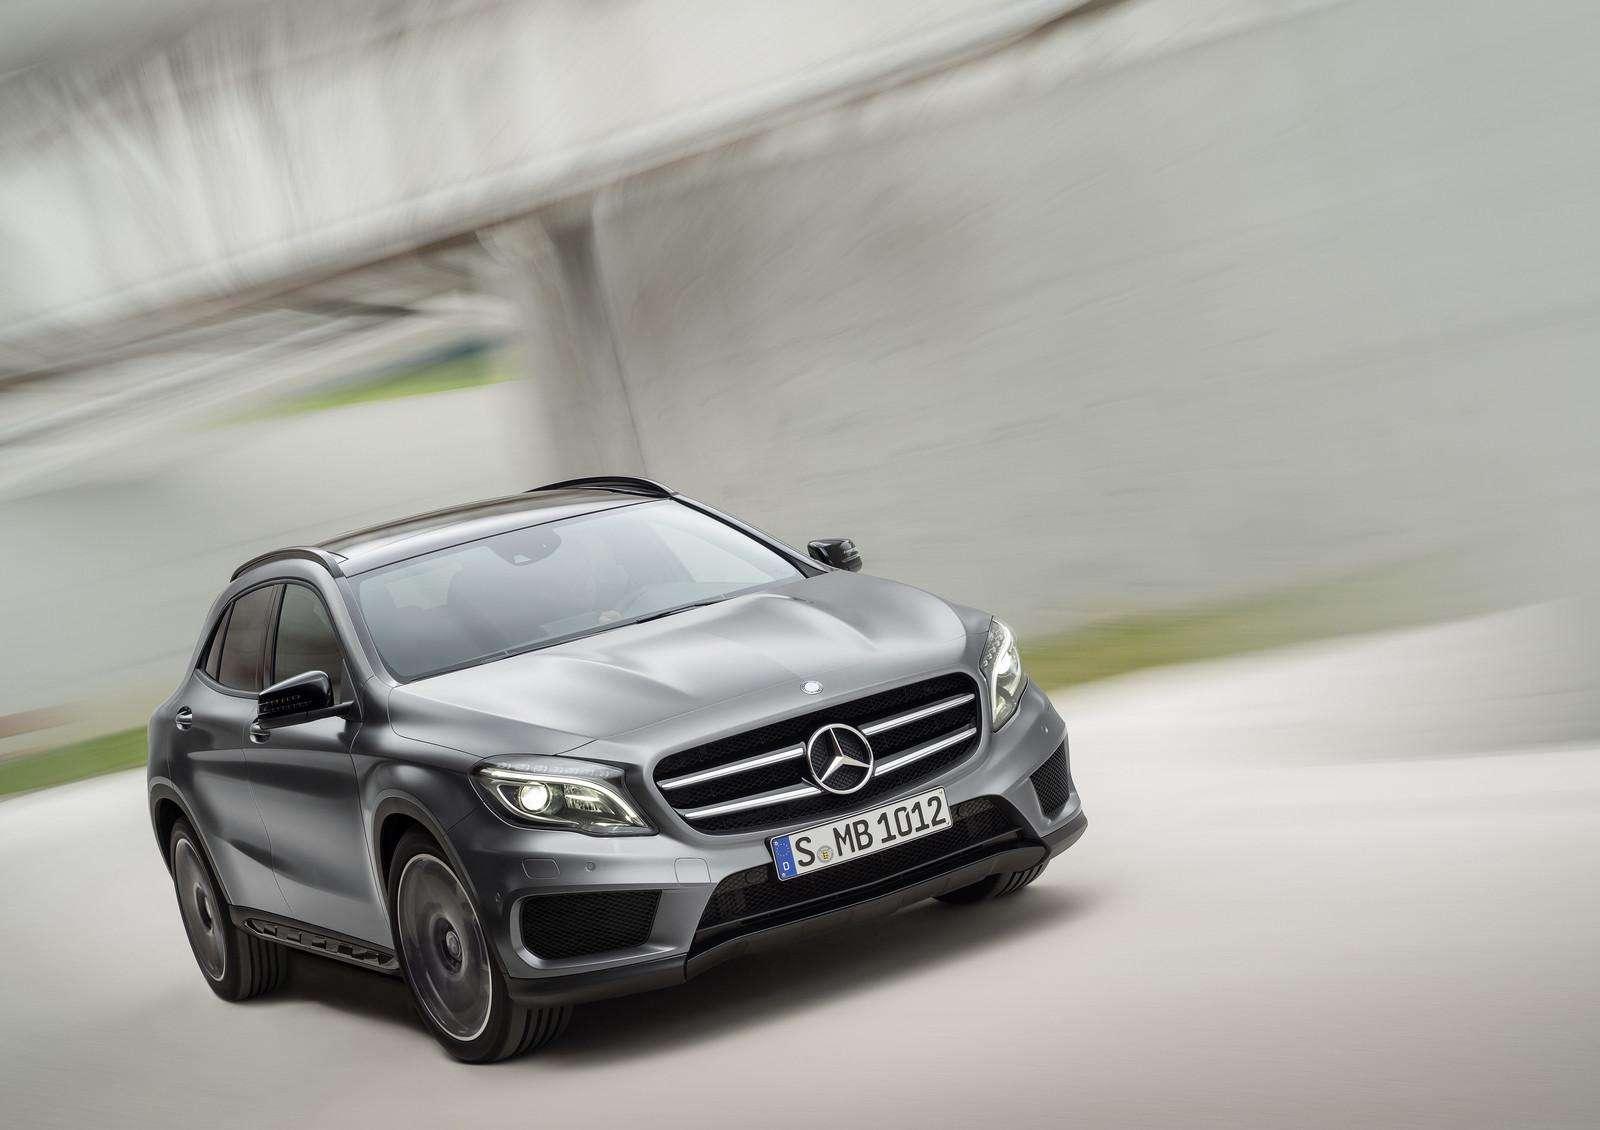 Catalogo auto noleggio a lungo termine nolosubito for Mercedes benz gla 180